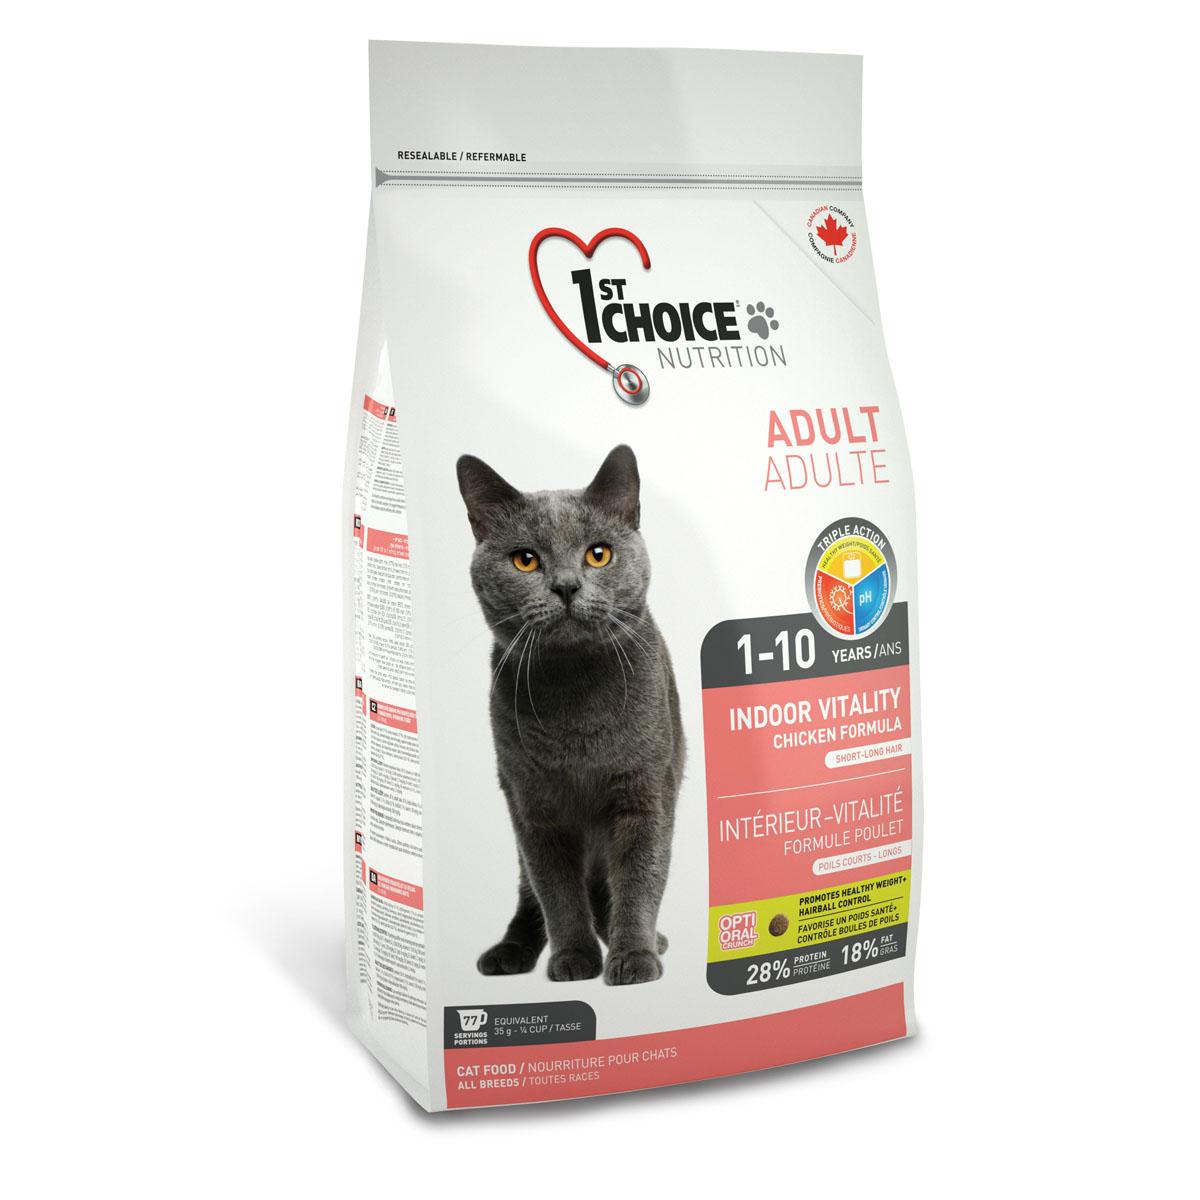 Корм сухой 1st Choice Adult для живущих в помещении взрослых кошек, с курицей, 5,44 кг пудовъ мука ржаная обдирная 1 кг